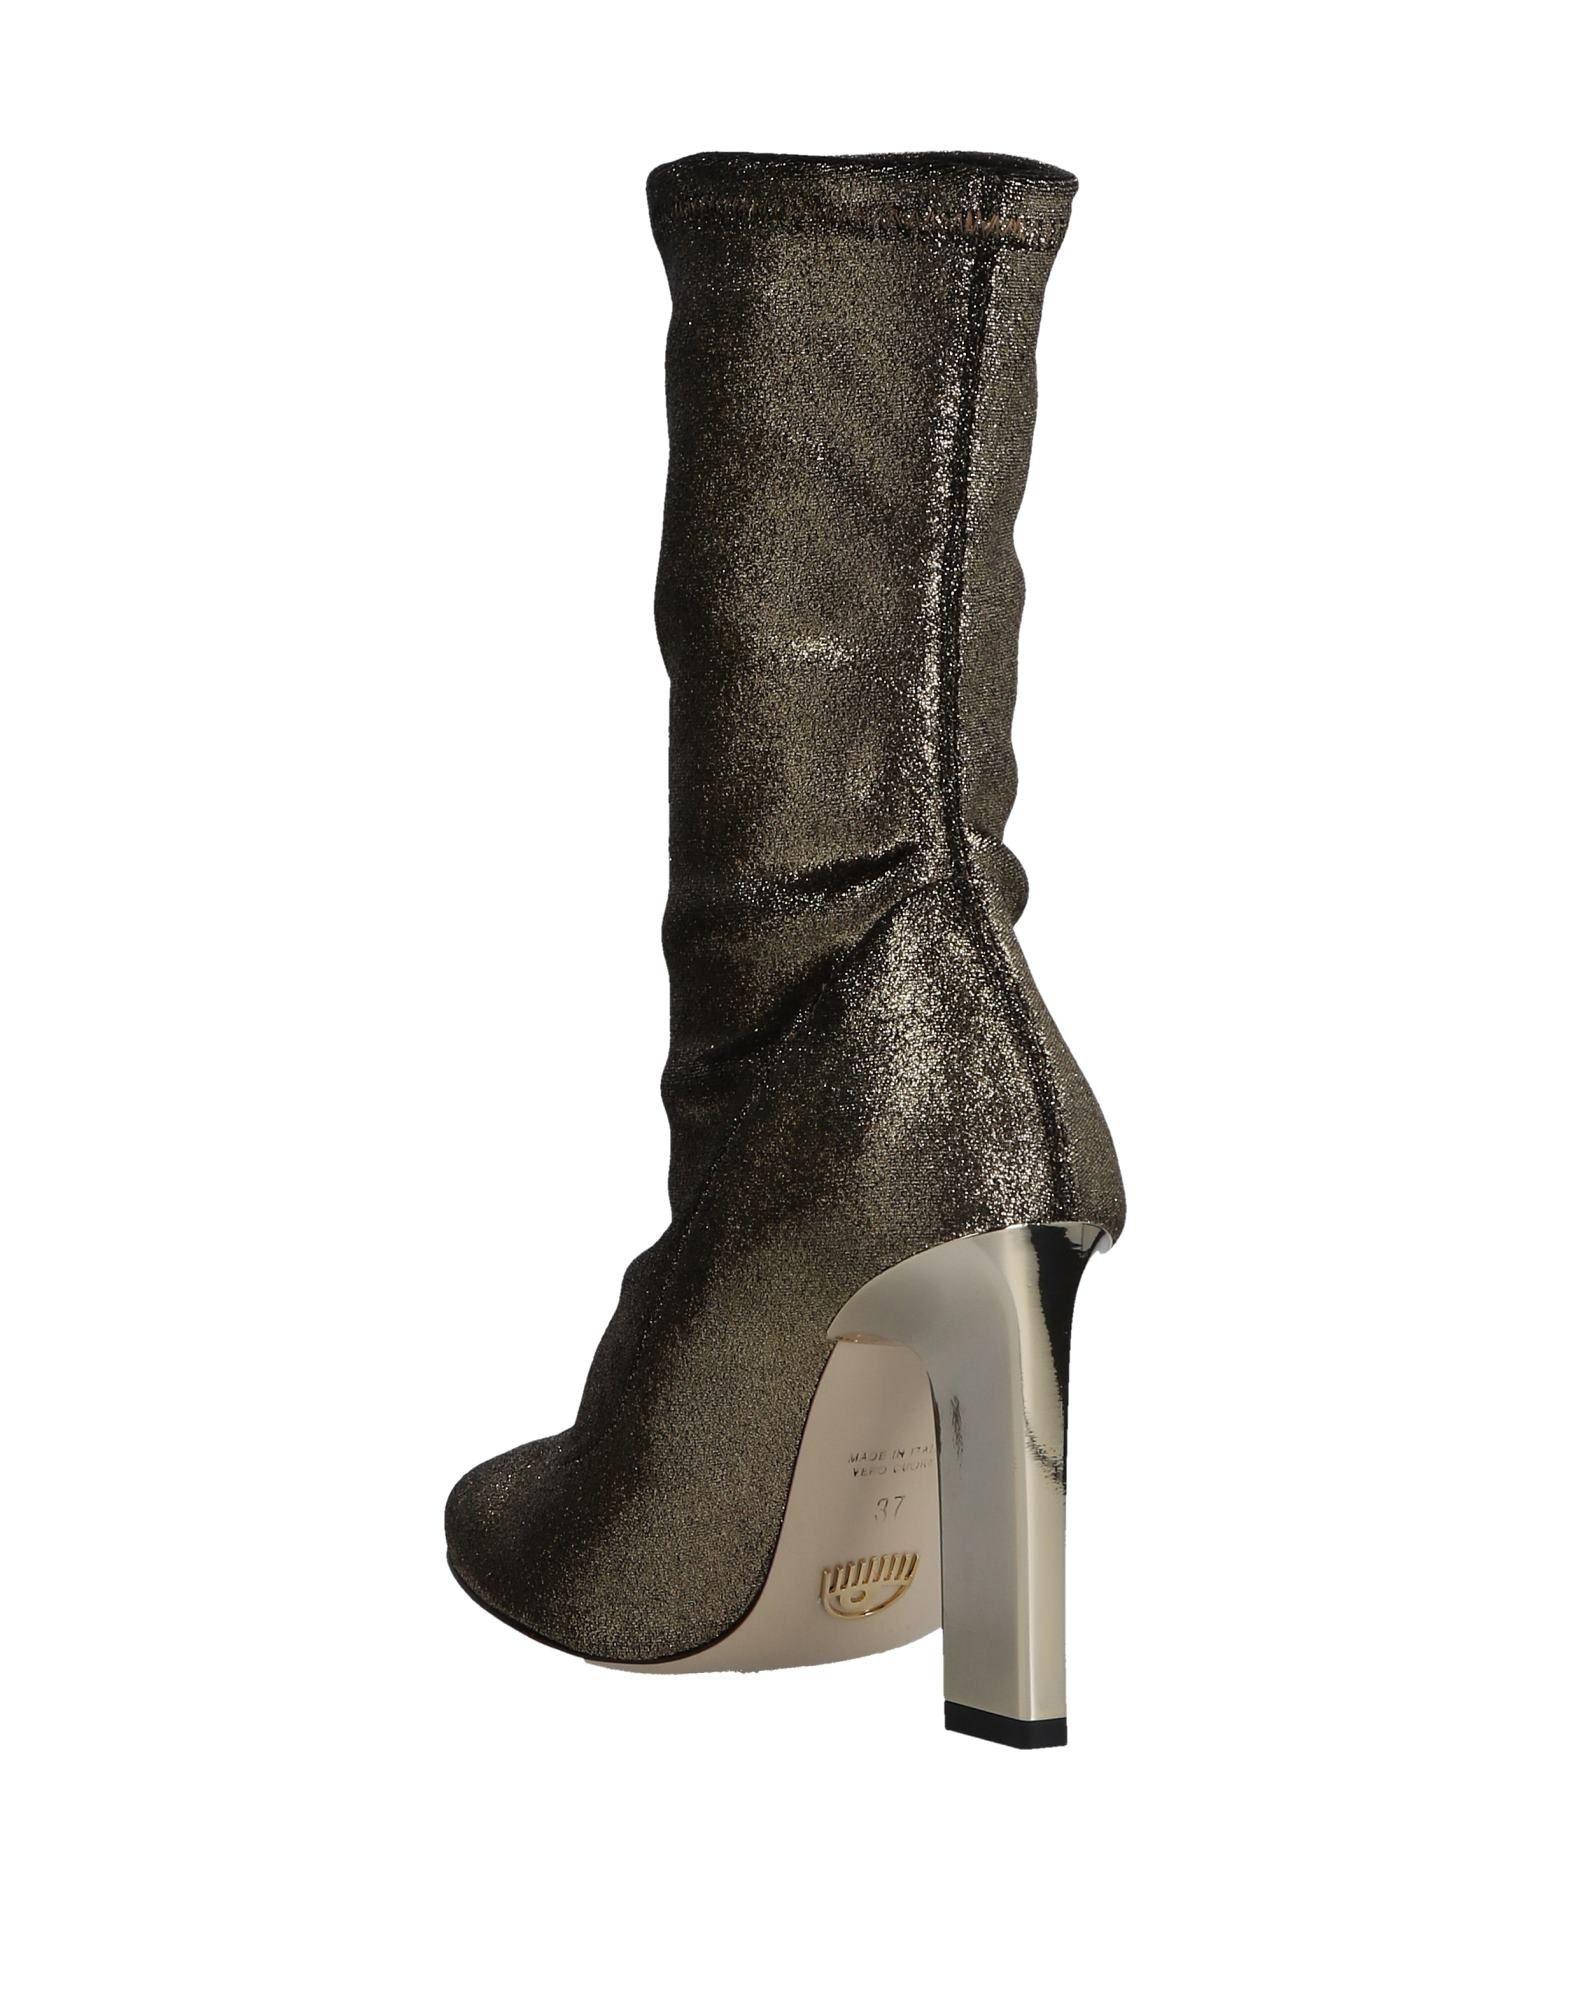 Chiara Ferragni Stiefelette Damen Schuhe  11520019JLGünstige gut aussehende Schuhe Damen 65304e